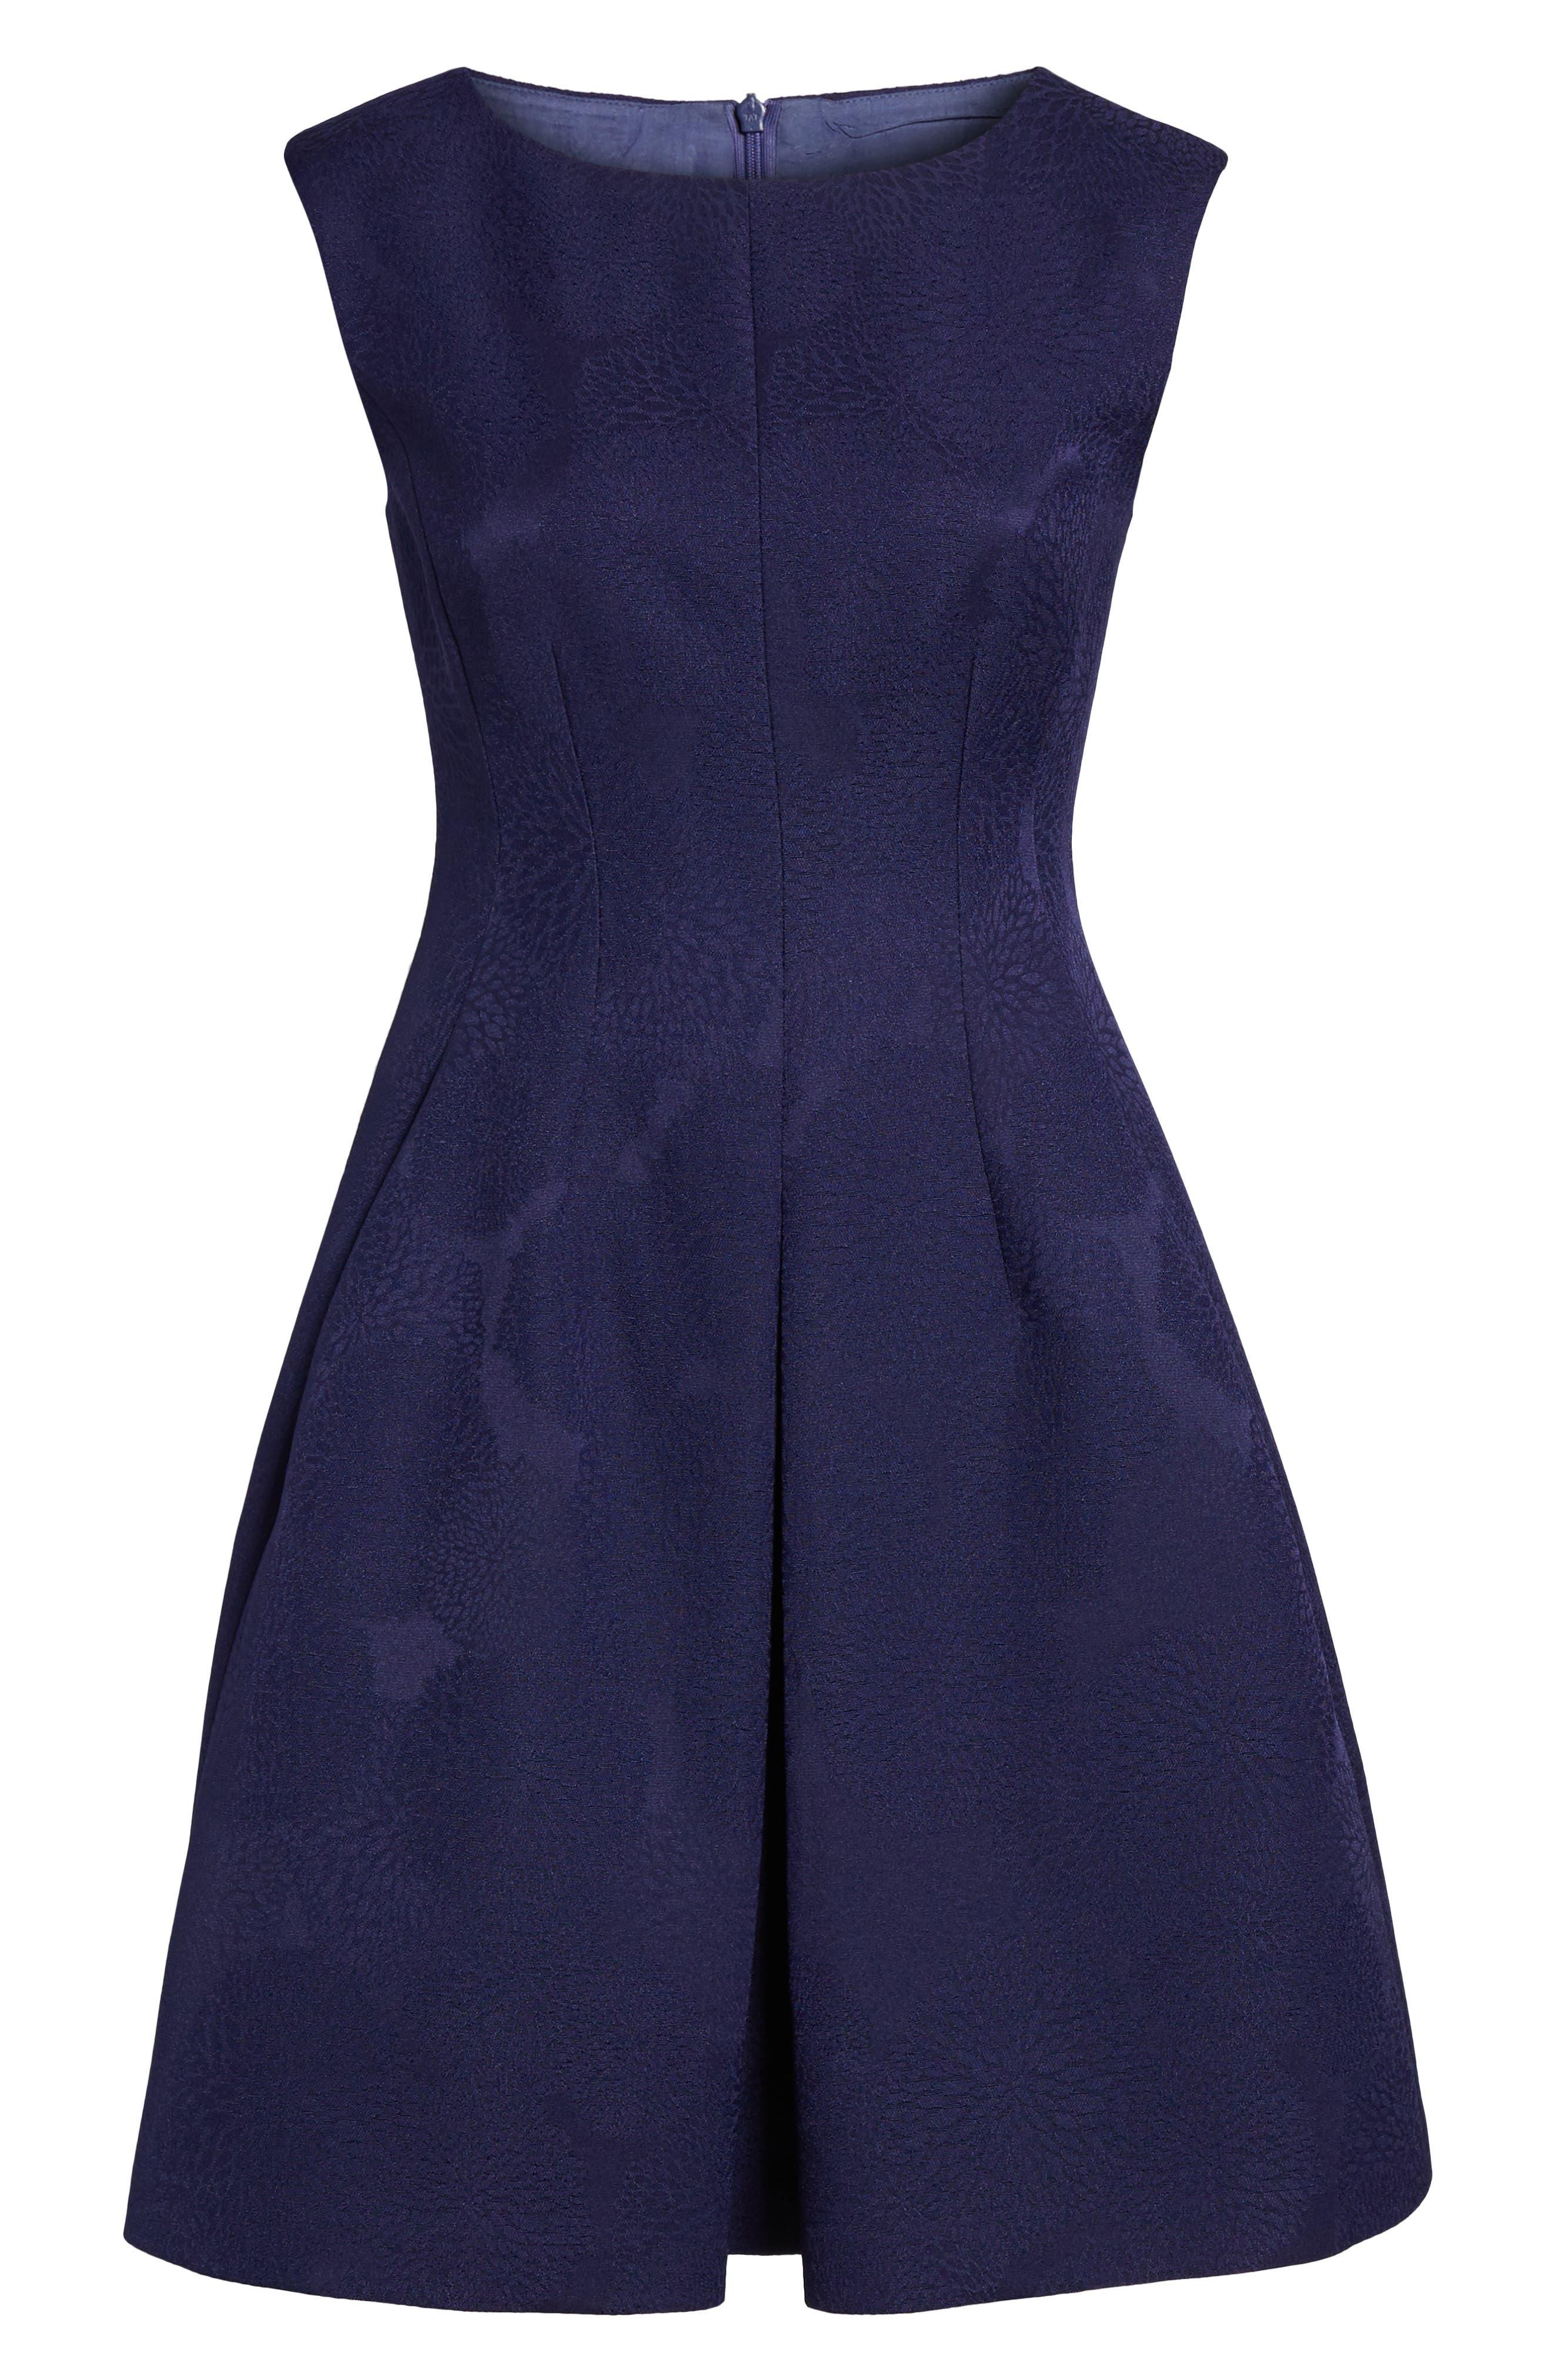 Jacquard Fit & Flare Dress,                             Alternate thumbnail 6, color,                             Monaco